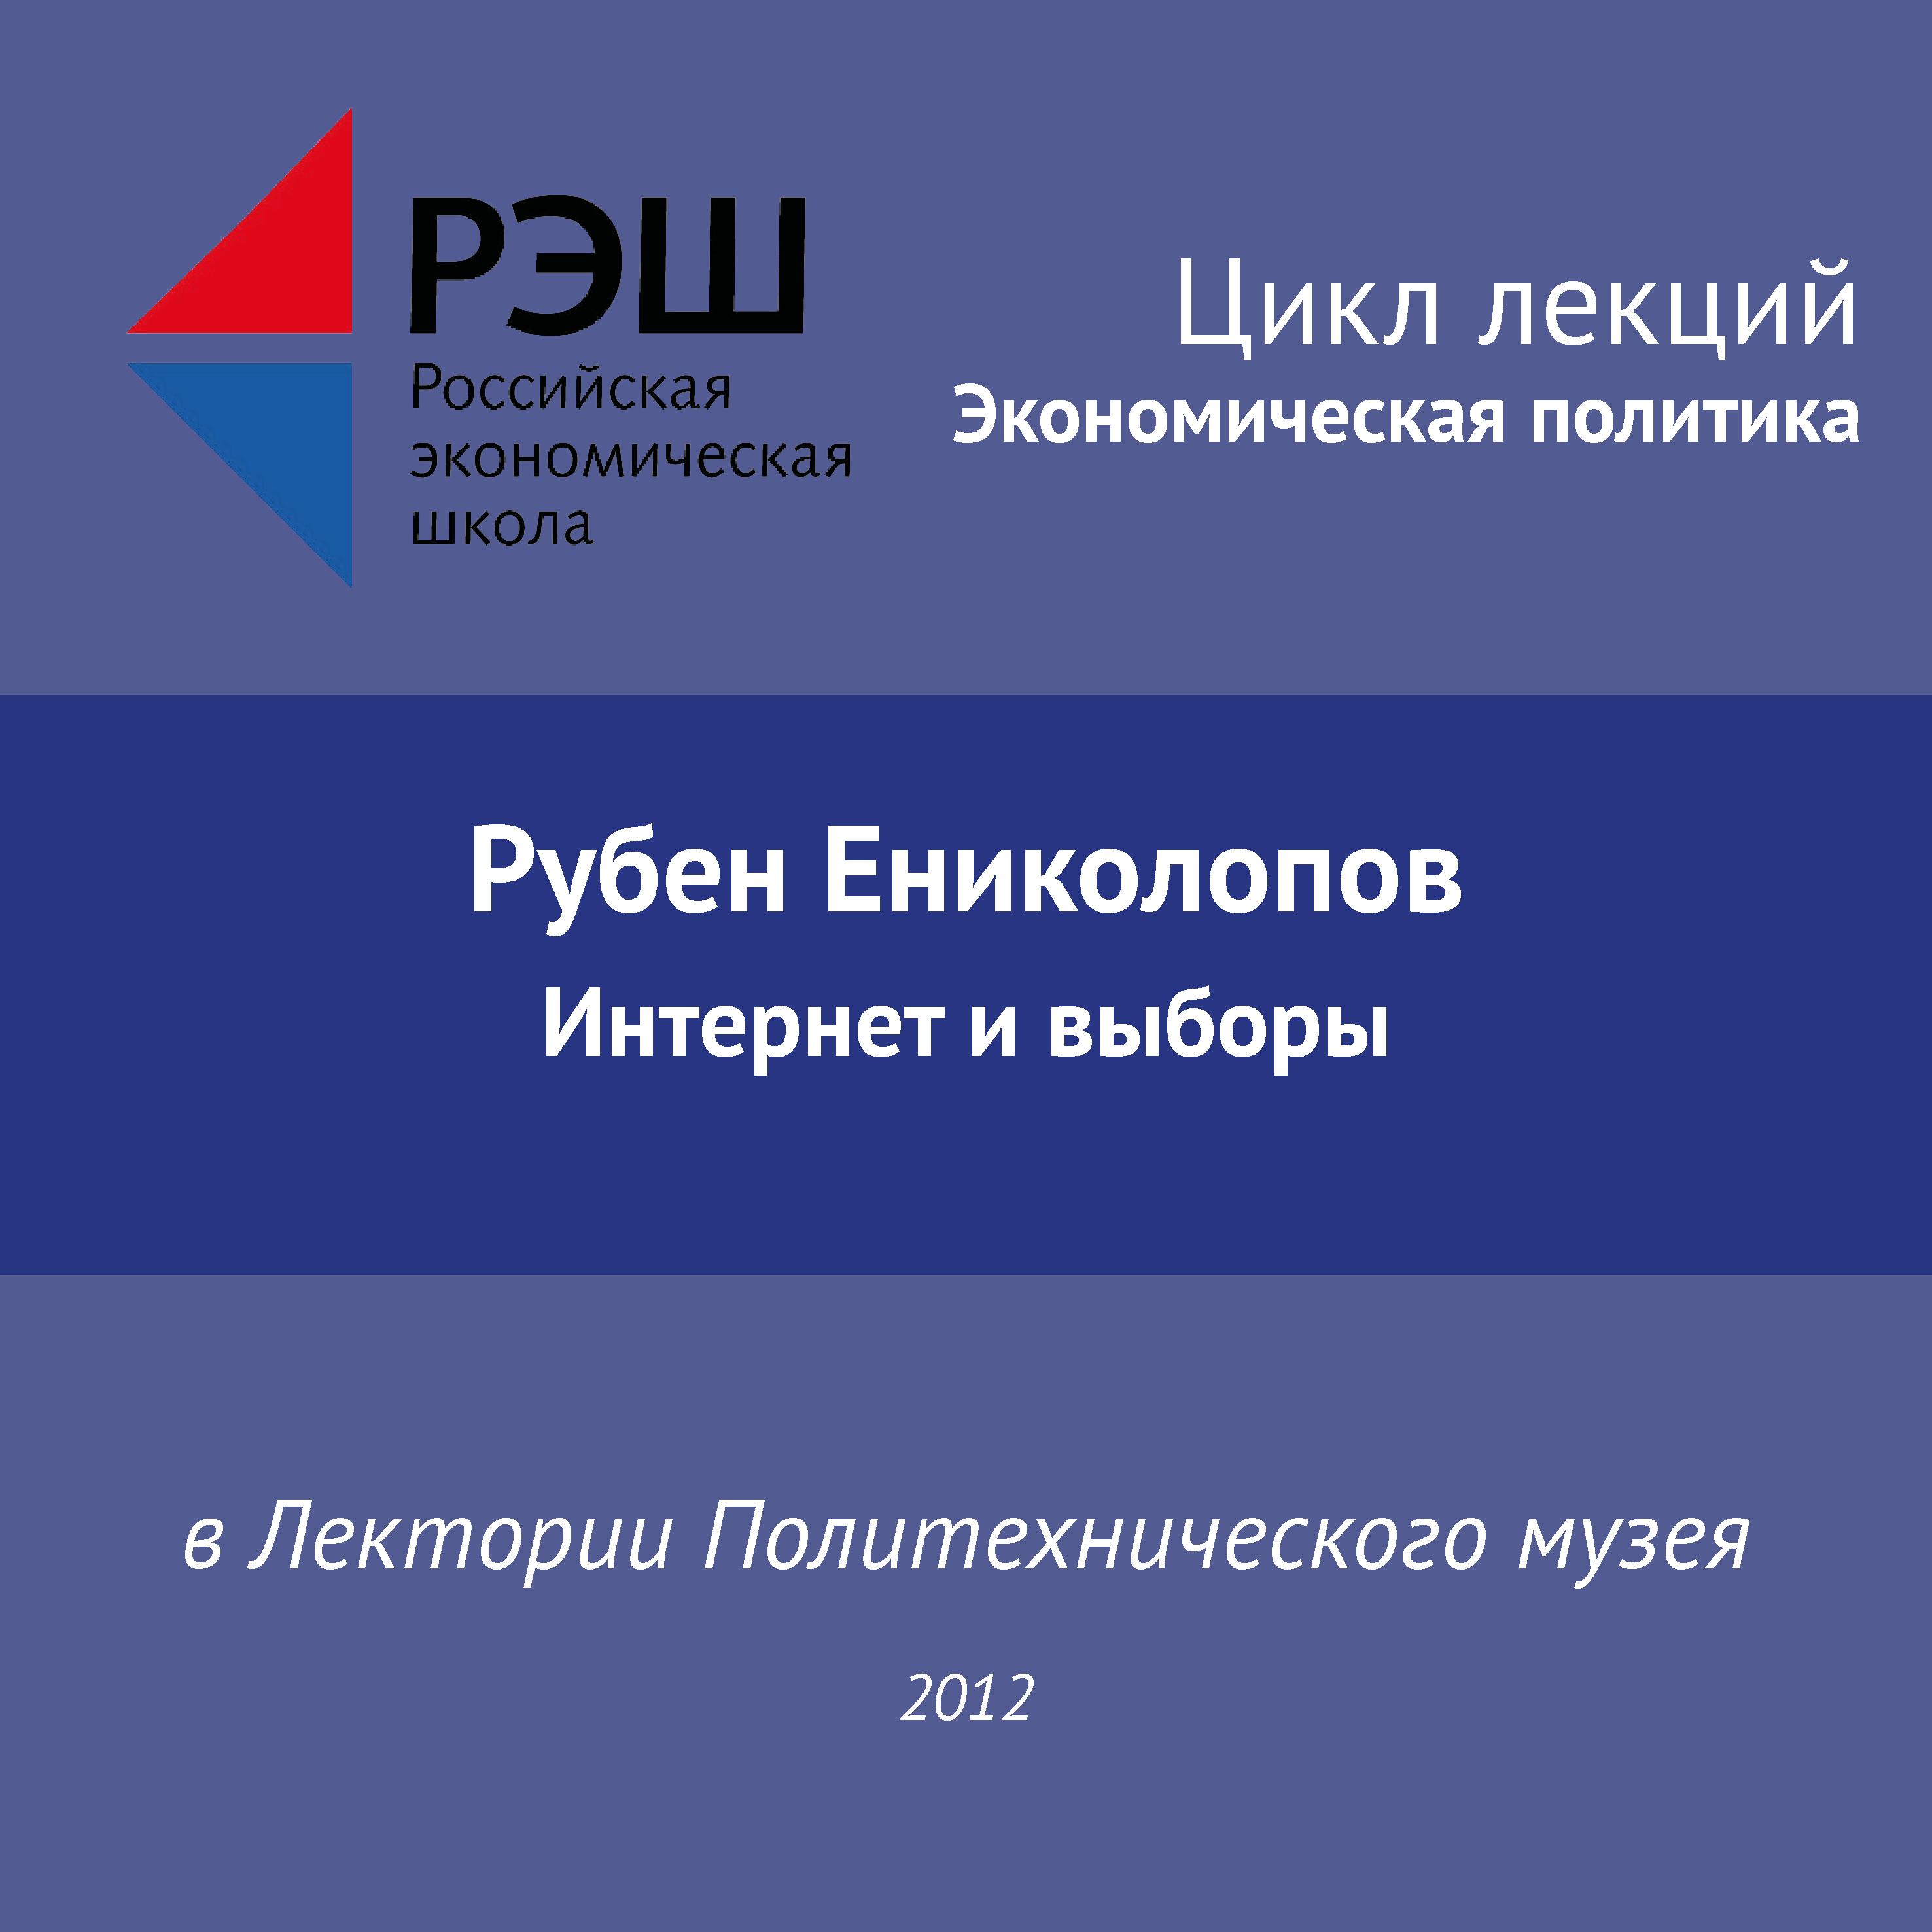 Рубен Ениколопов Лекция №03 «Рубен Ениколопов. Интернет и выборы» рубен баренц военная доктрина нации